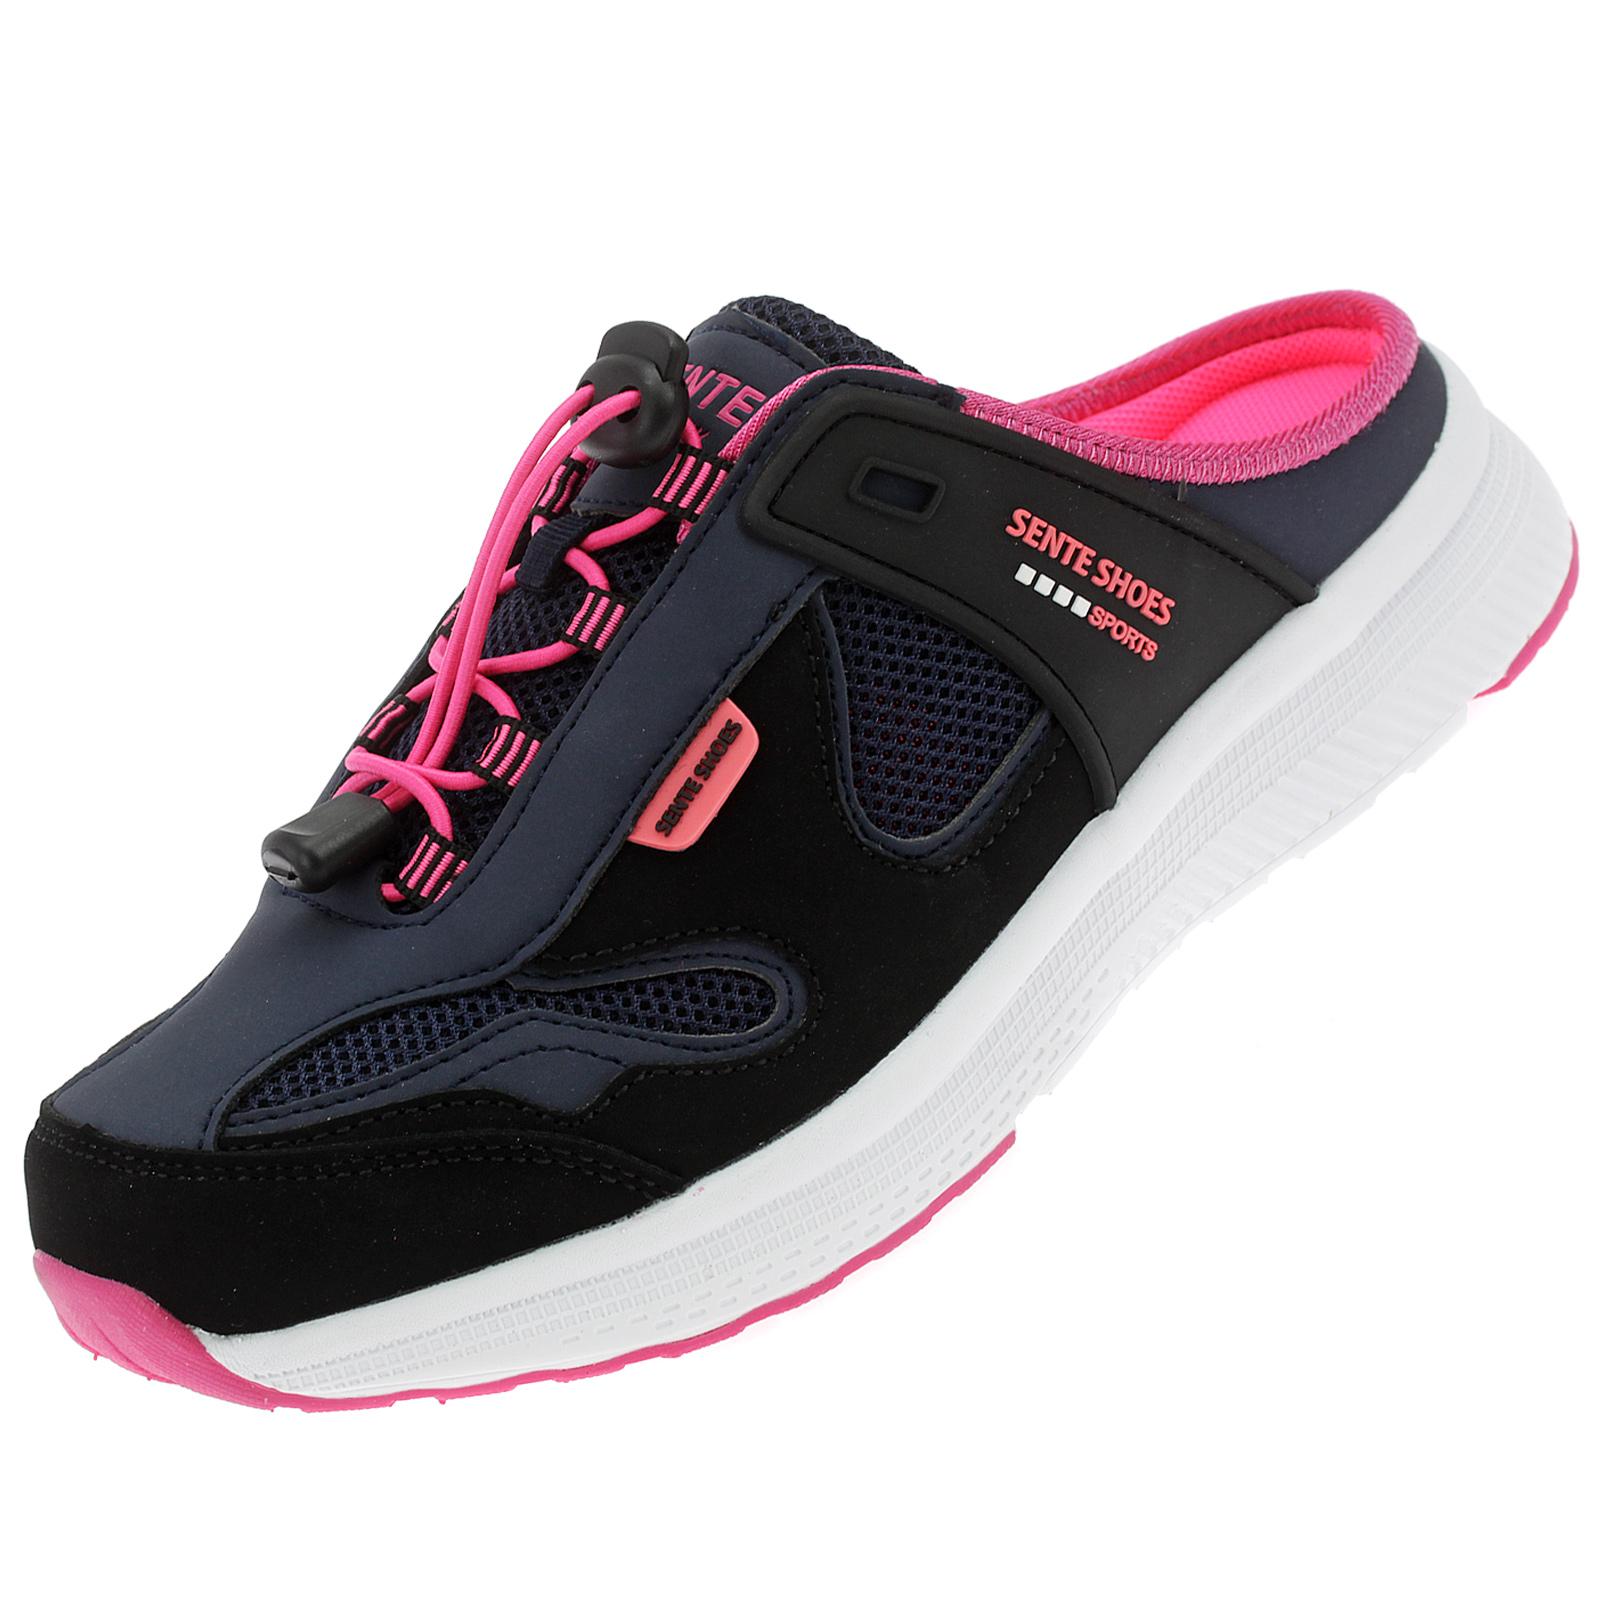 Damen Pantoletten Sabots Sneaker Sandalette Slipper Freizeitschuhe AB2101 Navy Pink